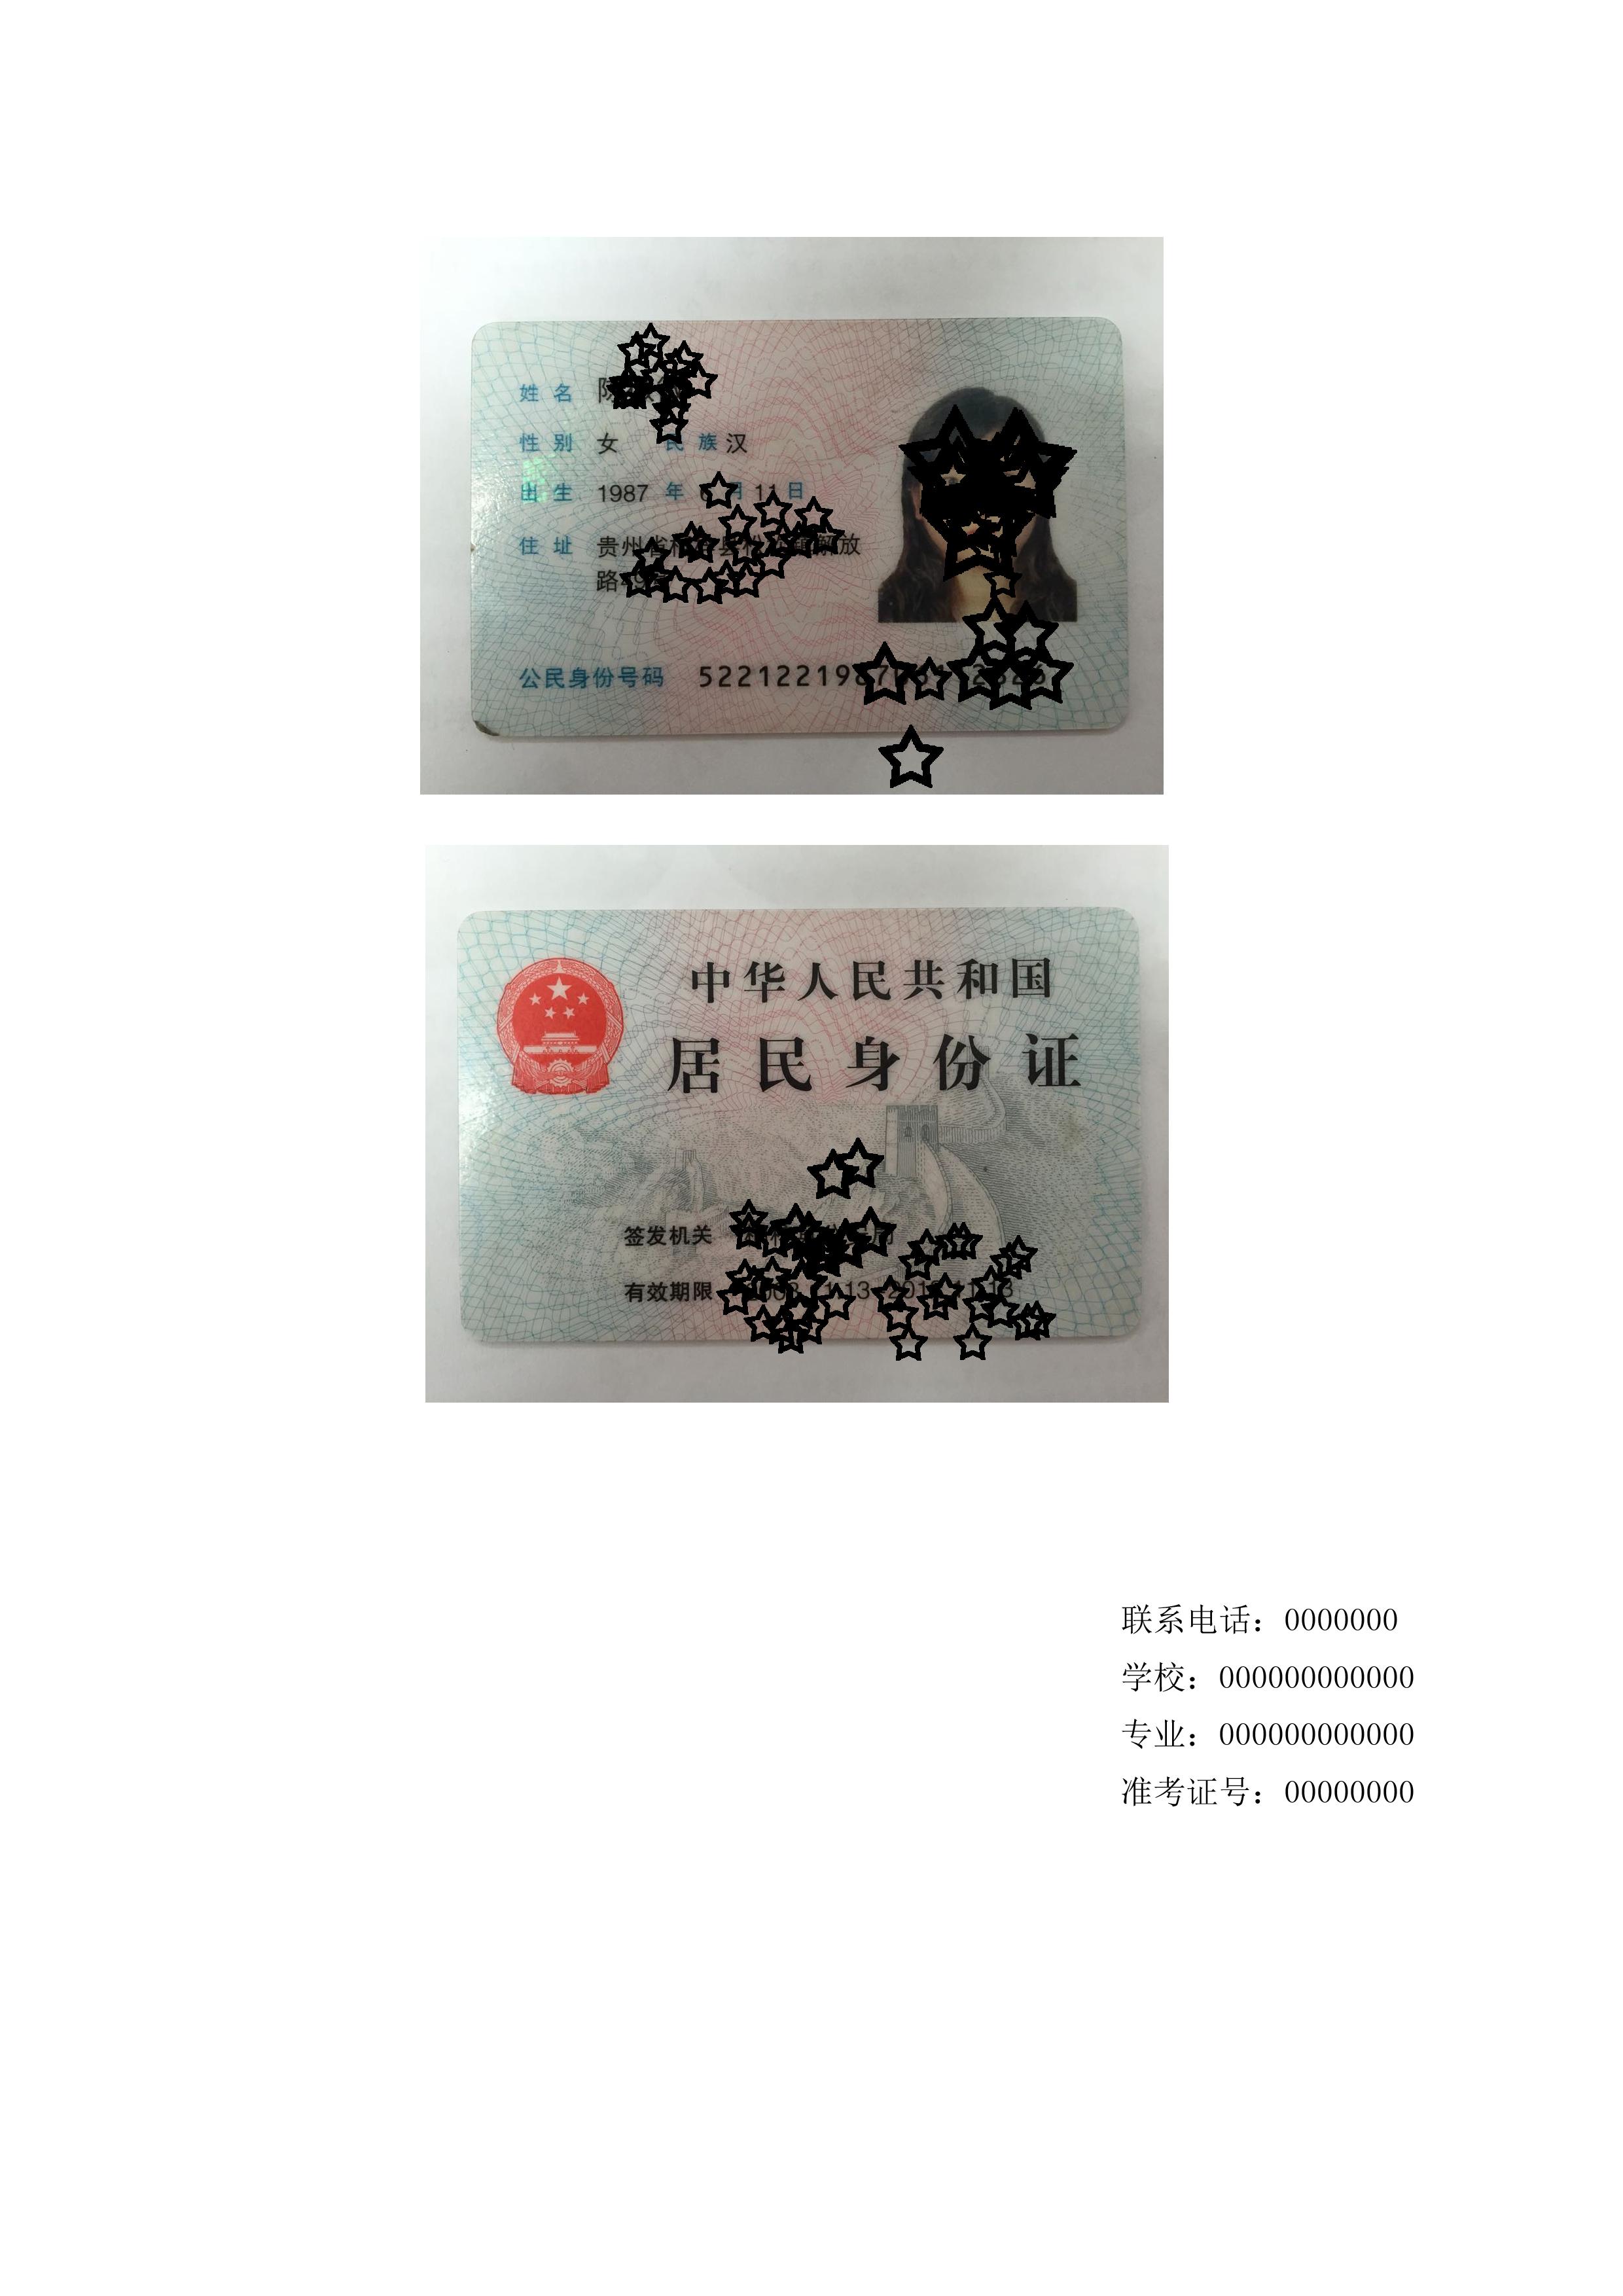 贵州大学继续教育学院6月2日截止办理毕业证!